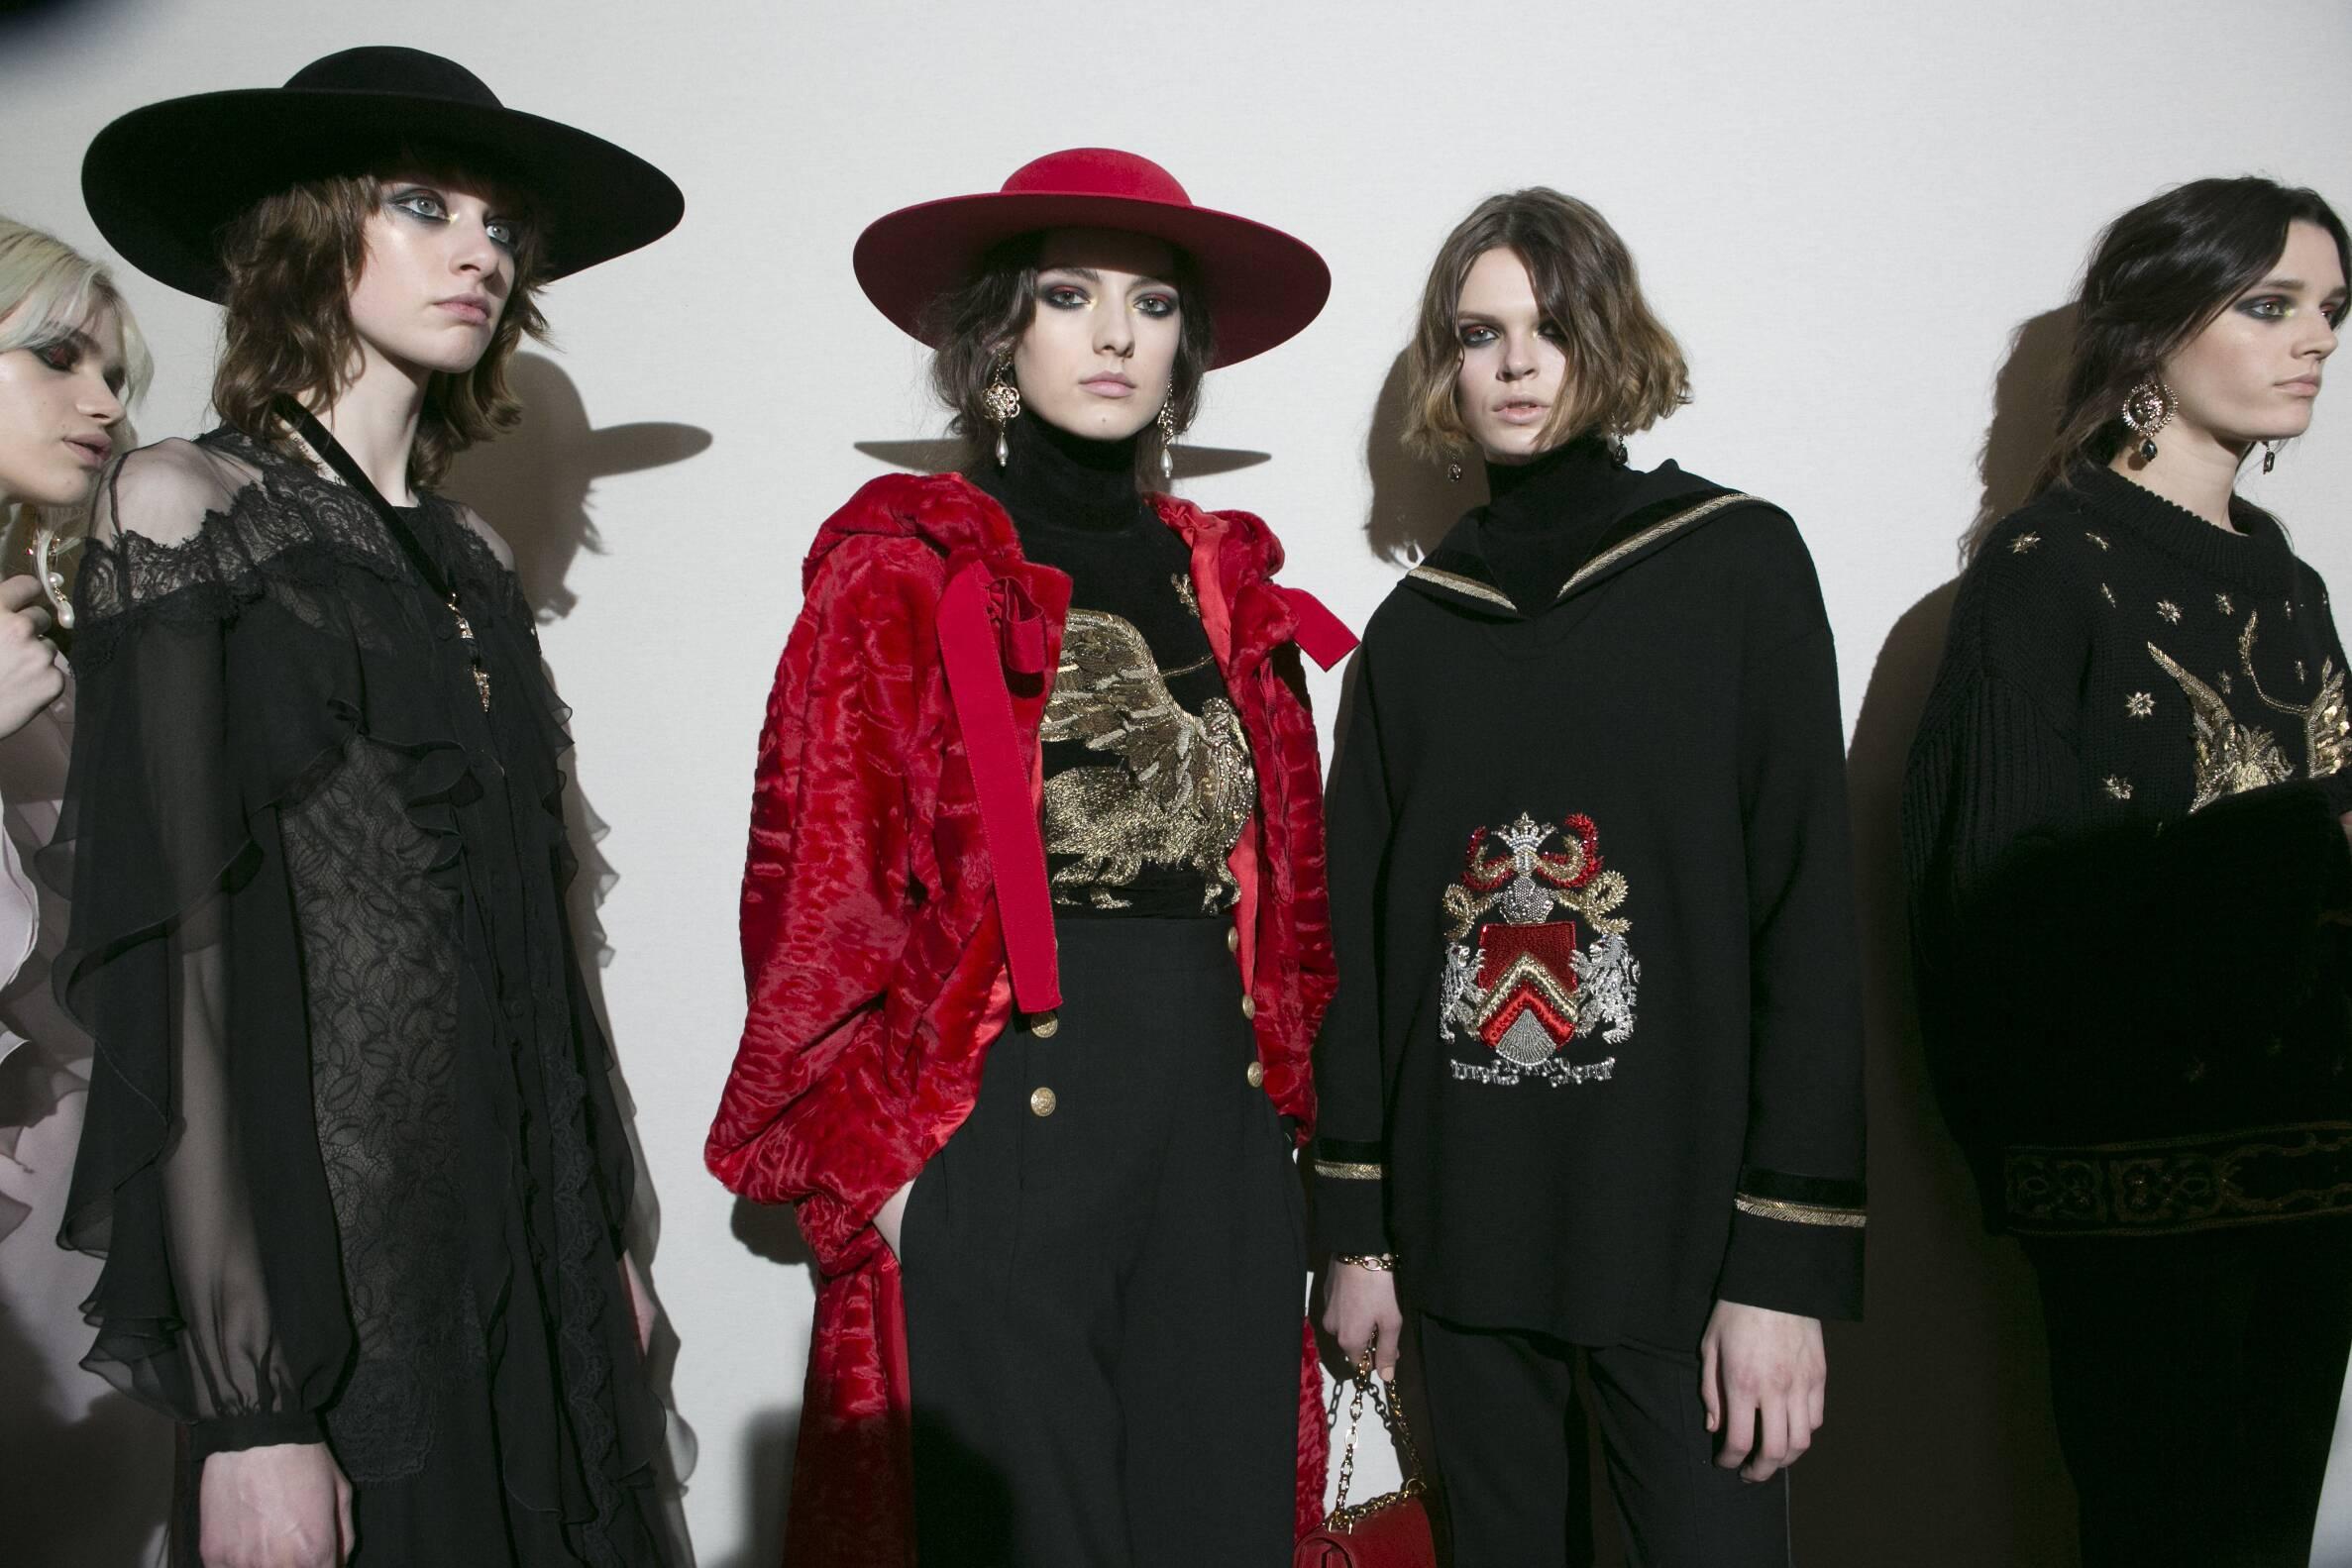 Backstage Alberta Ferretti Models 2017-2018